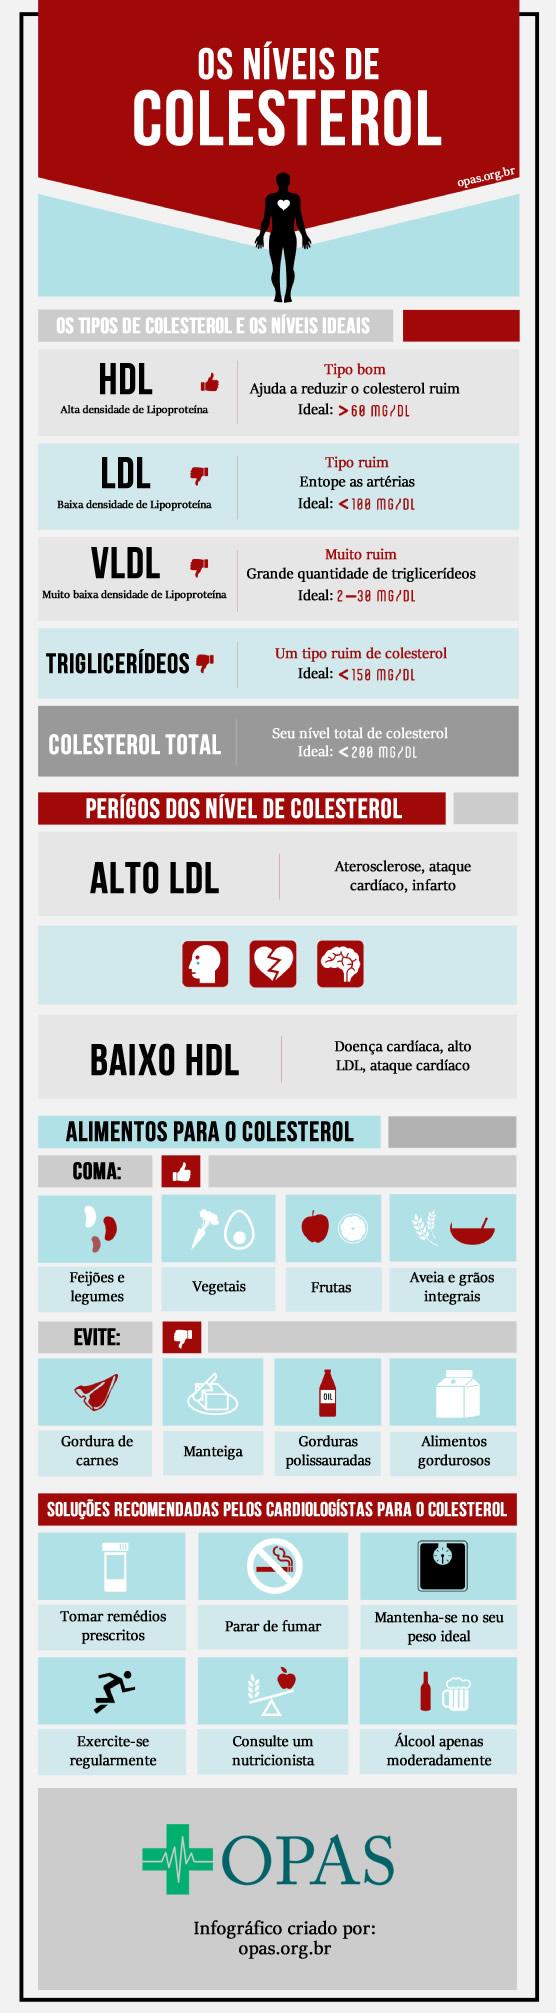 Bom e mal colesterol